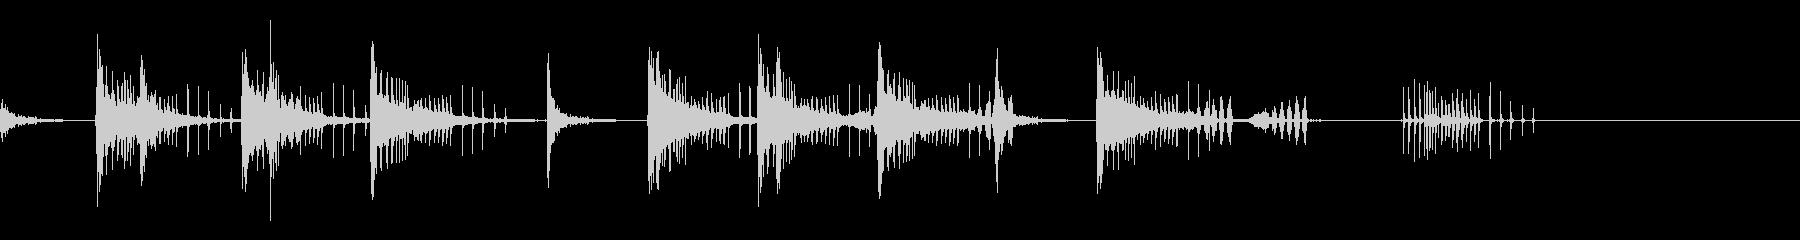 とんとん(派手な建設中の音)B19の未再生の波形